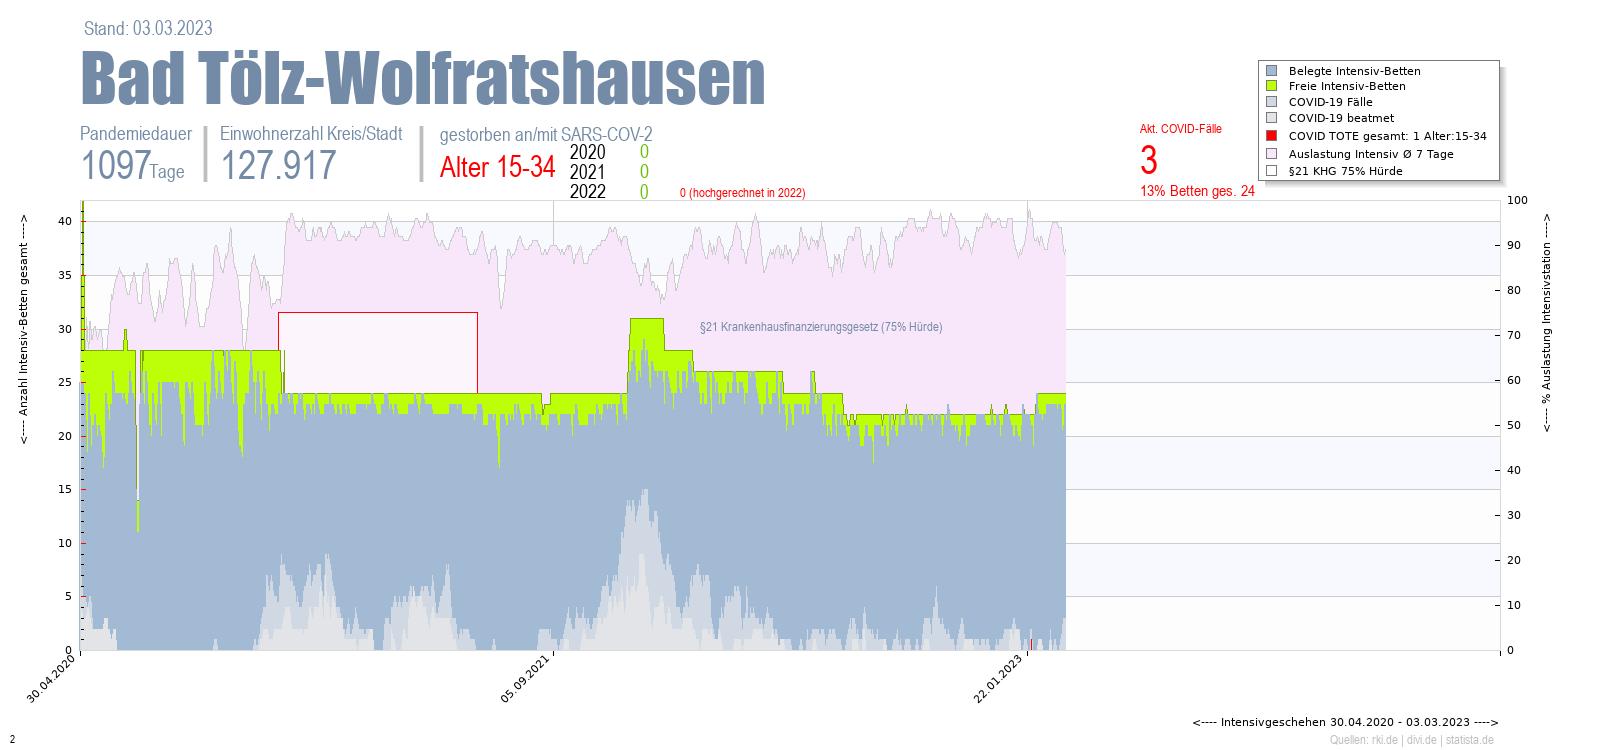 Intensivstation Auslastung Bad Tölz-Wolfratshausen Alter 0-4